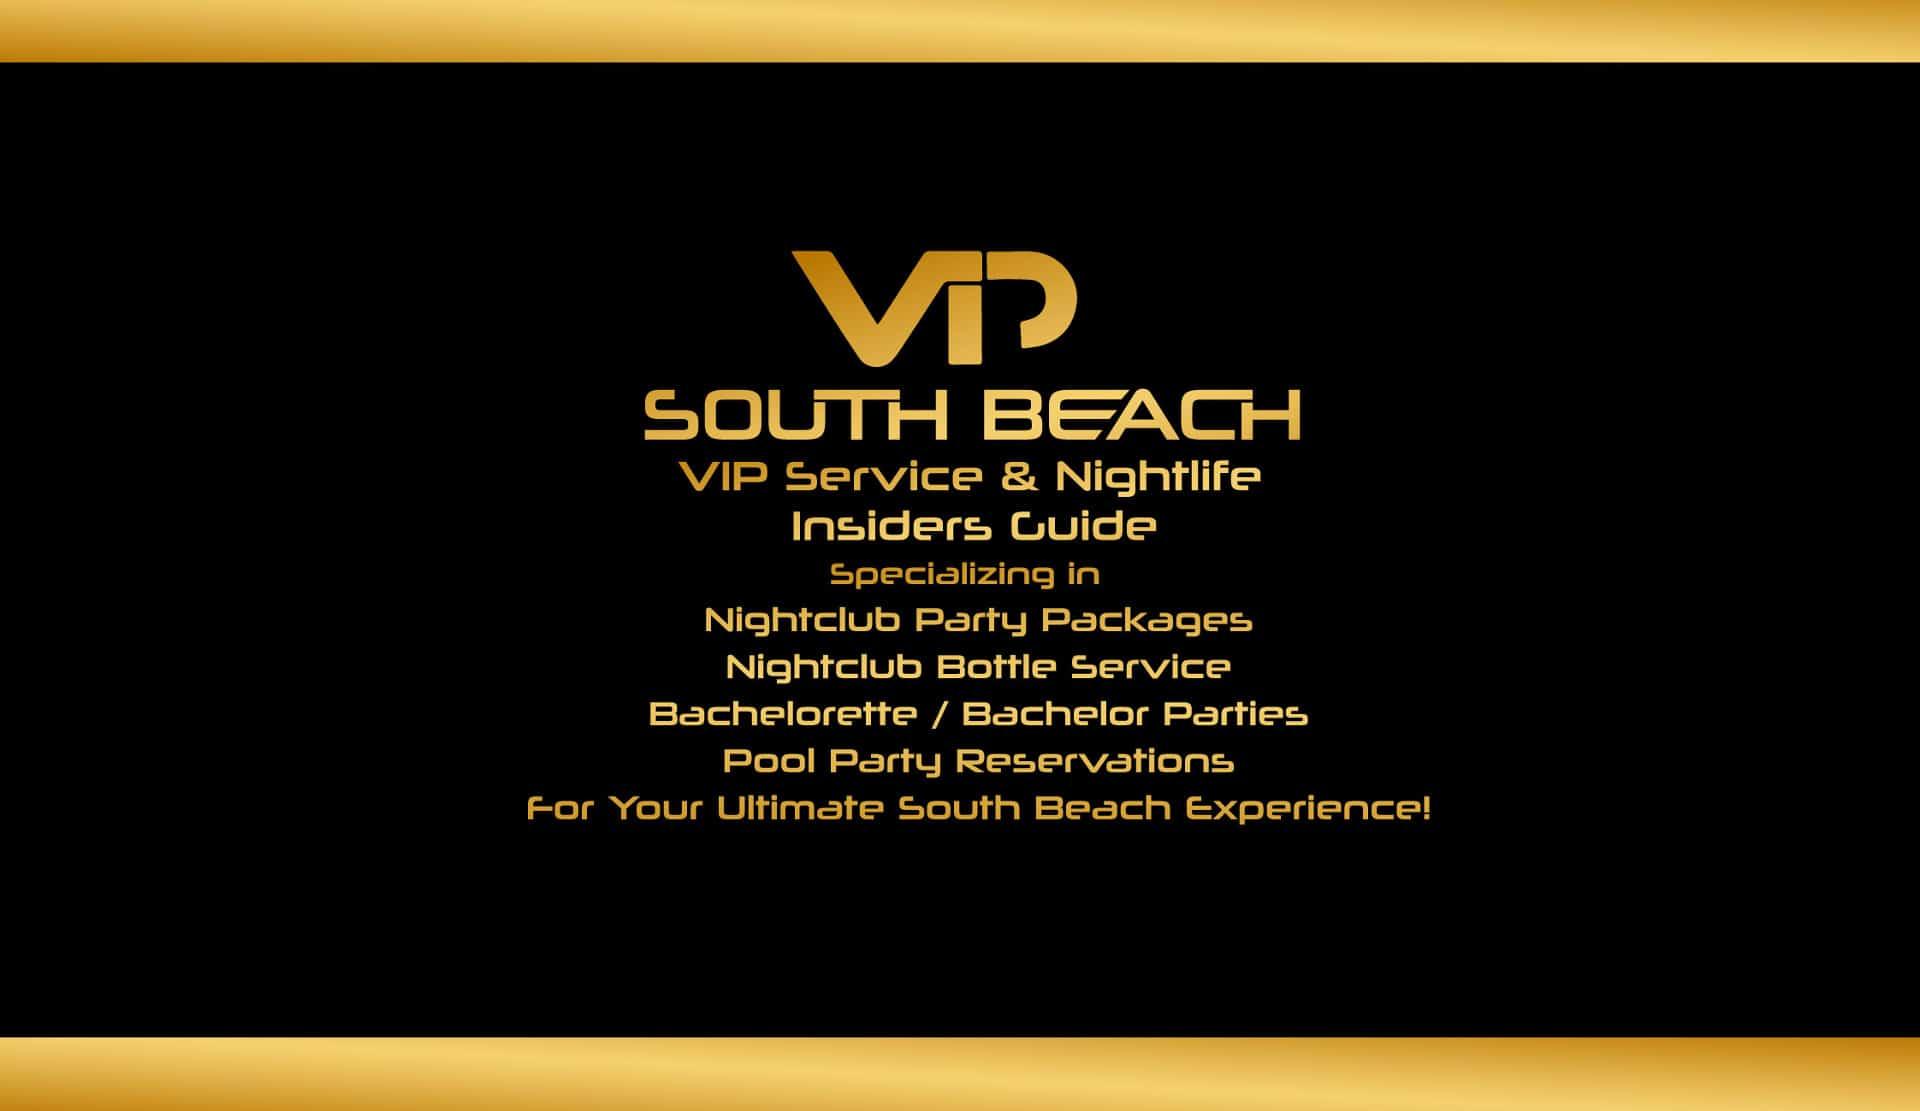 vip-south-beach